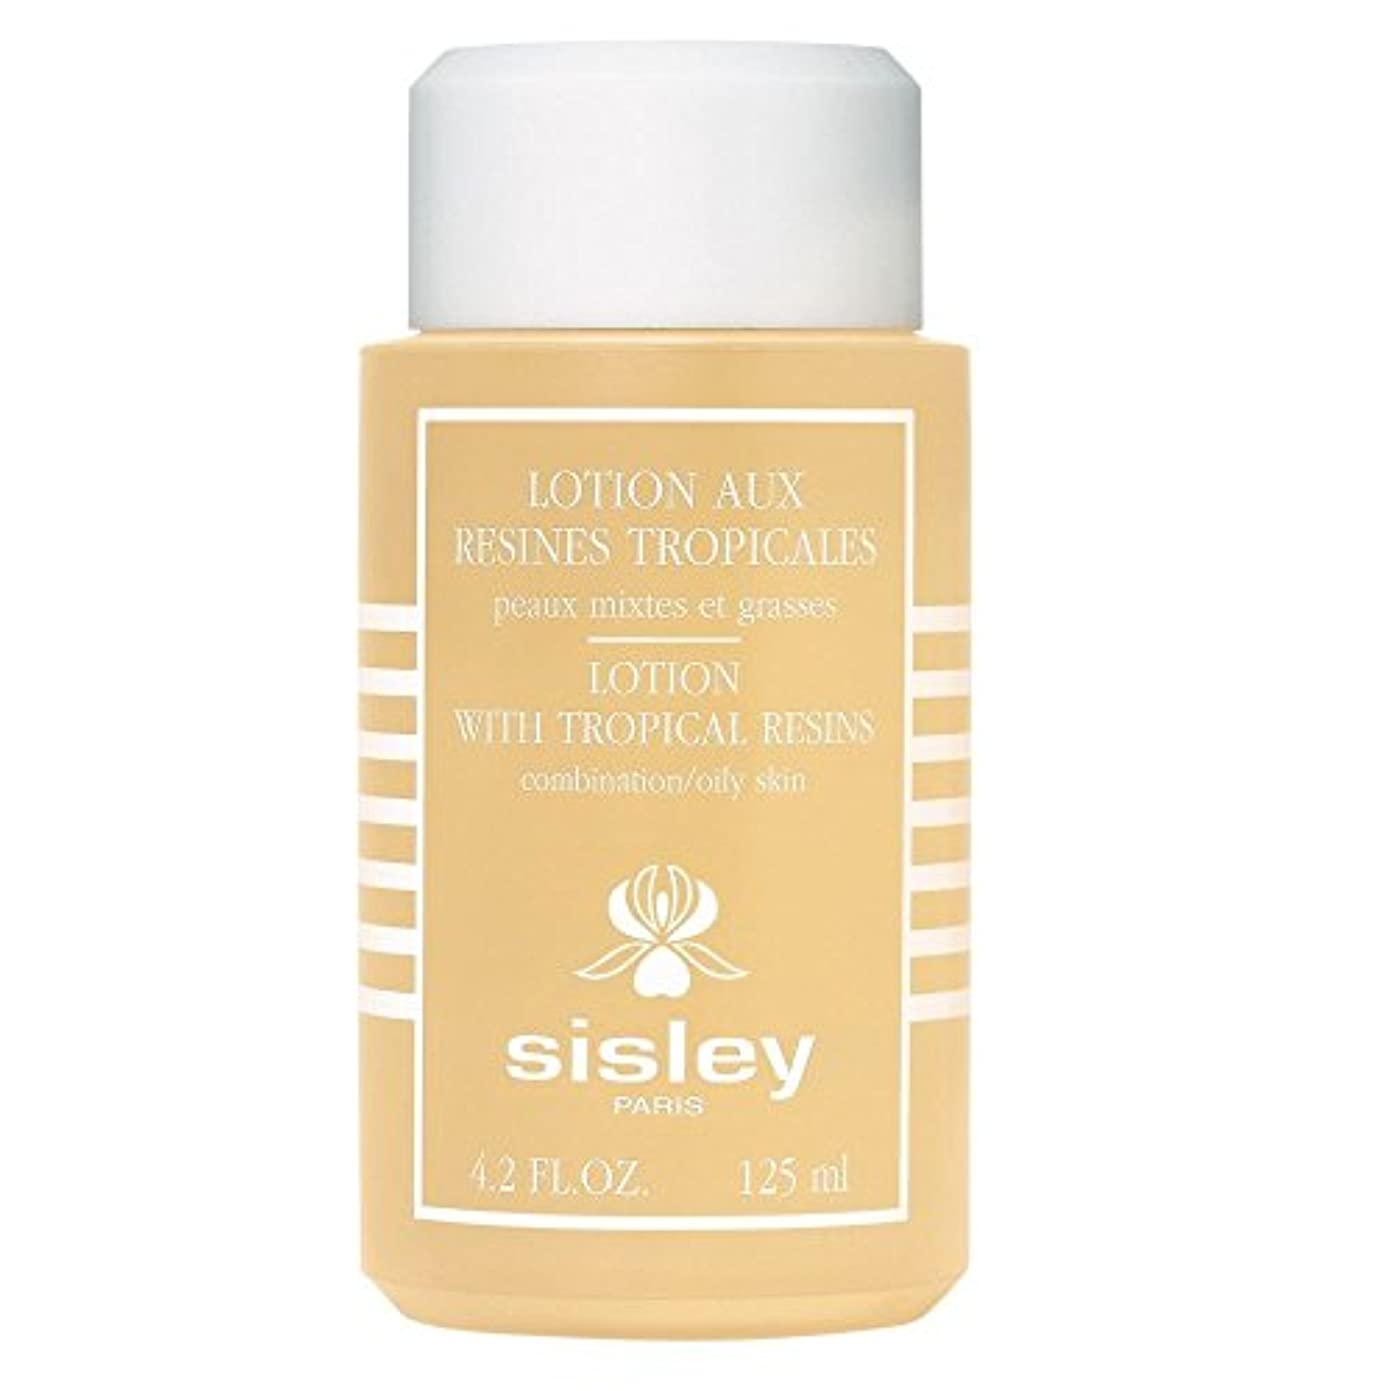 有効ねじれ制限された[Sisley] 熱帯樹脂とシスレーローション、125ミリリットル - Sisley Lotion With Tropical Resins, 125ml [並行輸入品]